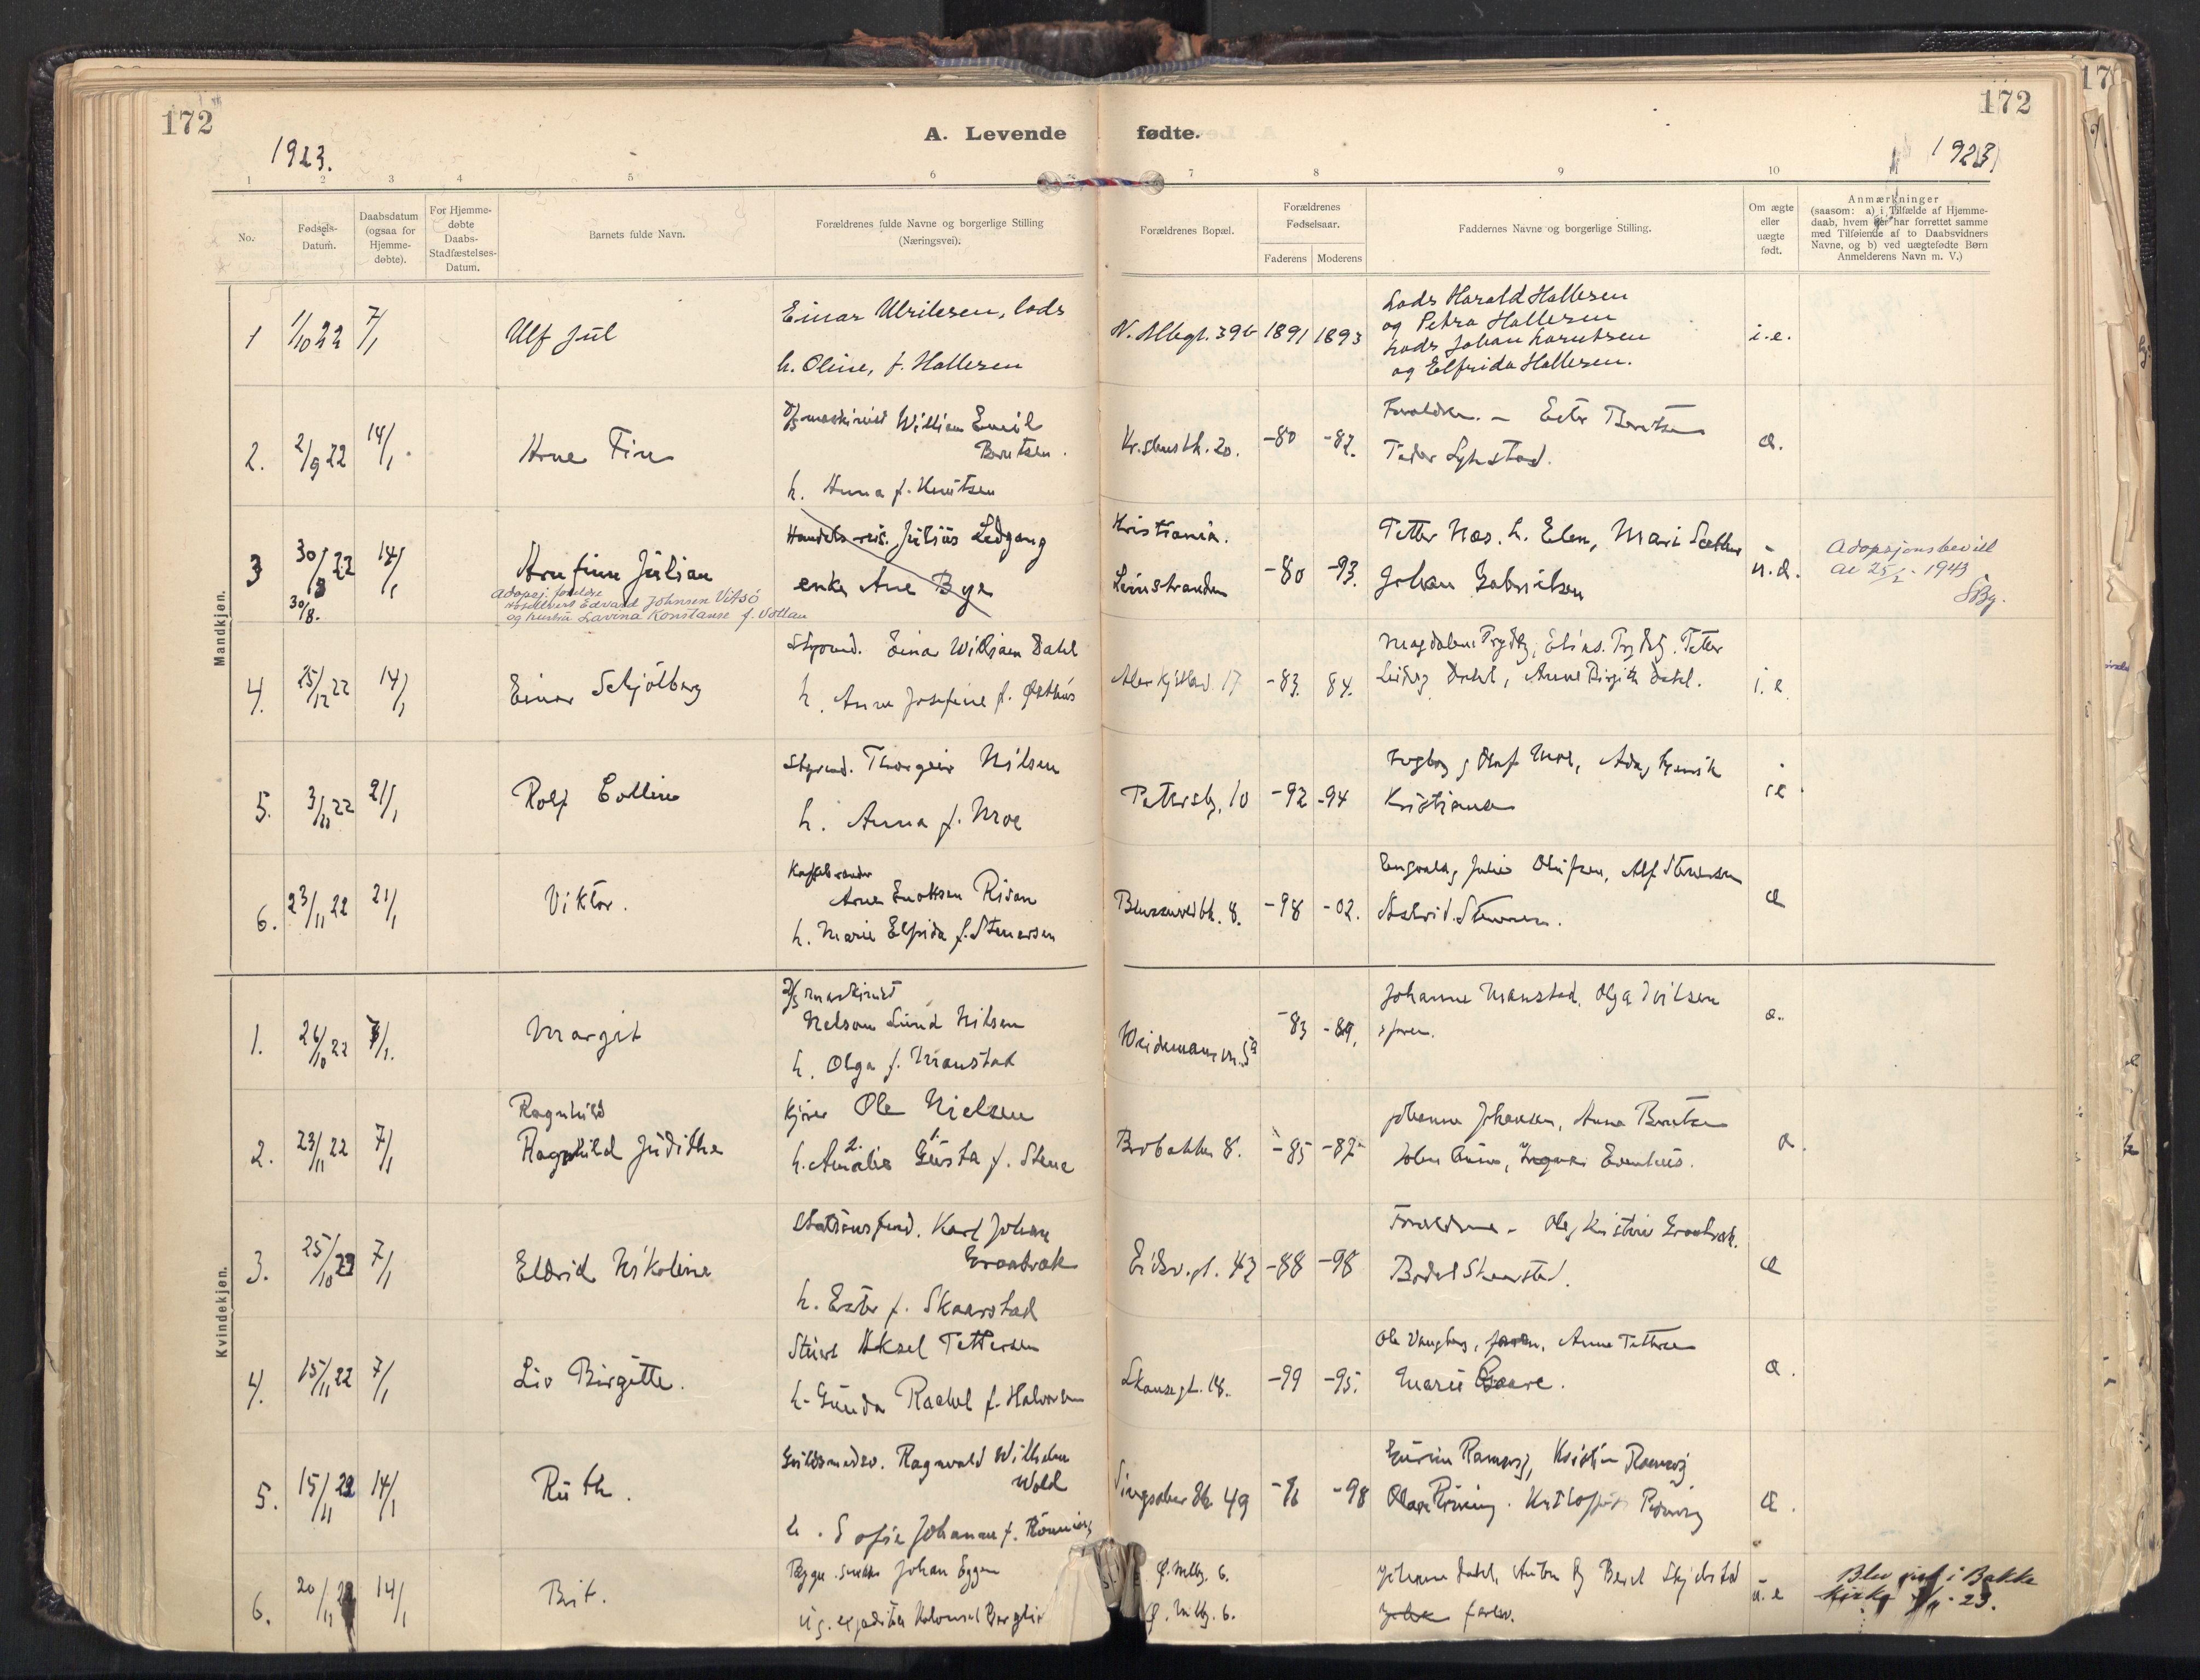 SAT, Ministerialprotokoller, klokkerbøker og fødselsregistre - Sør-Trøndelag, 604/L0205: Ministerialbok nr. 604A25, 1917-1932, s. 172